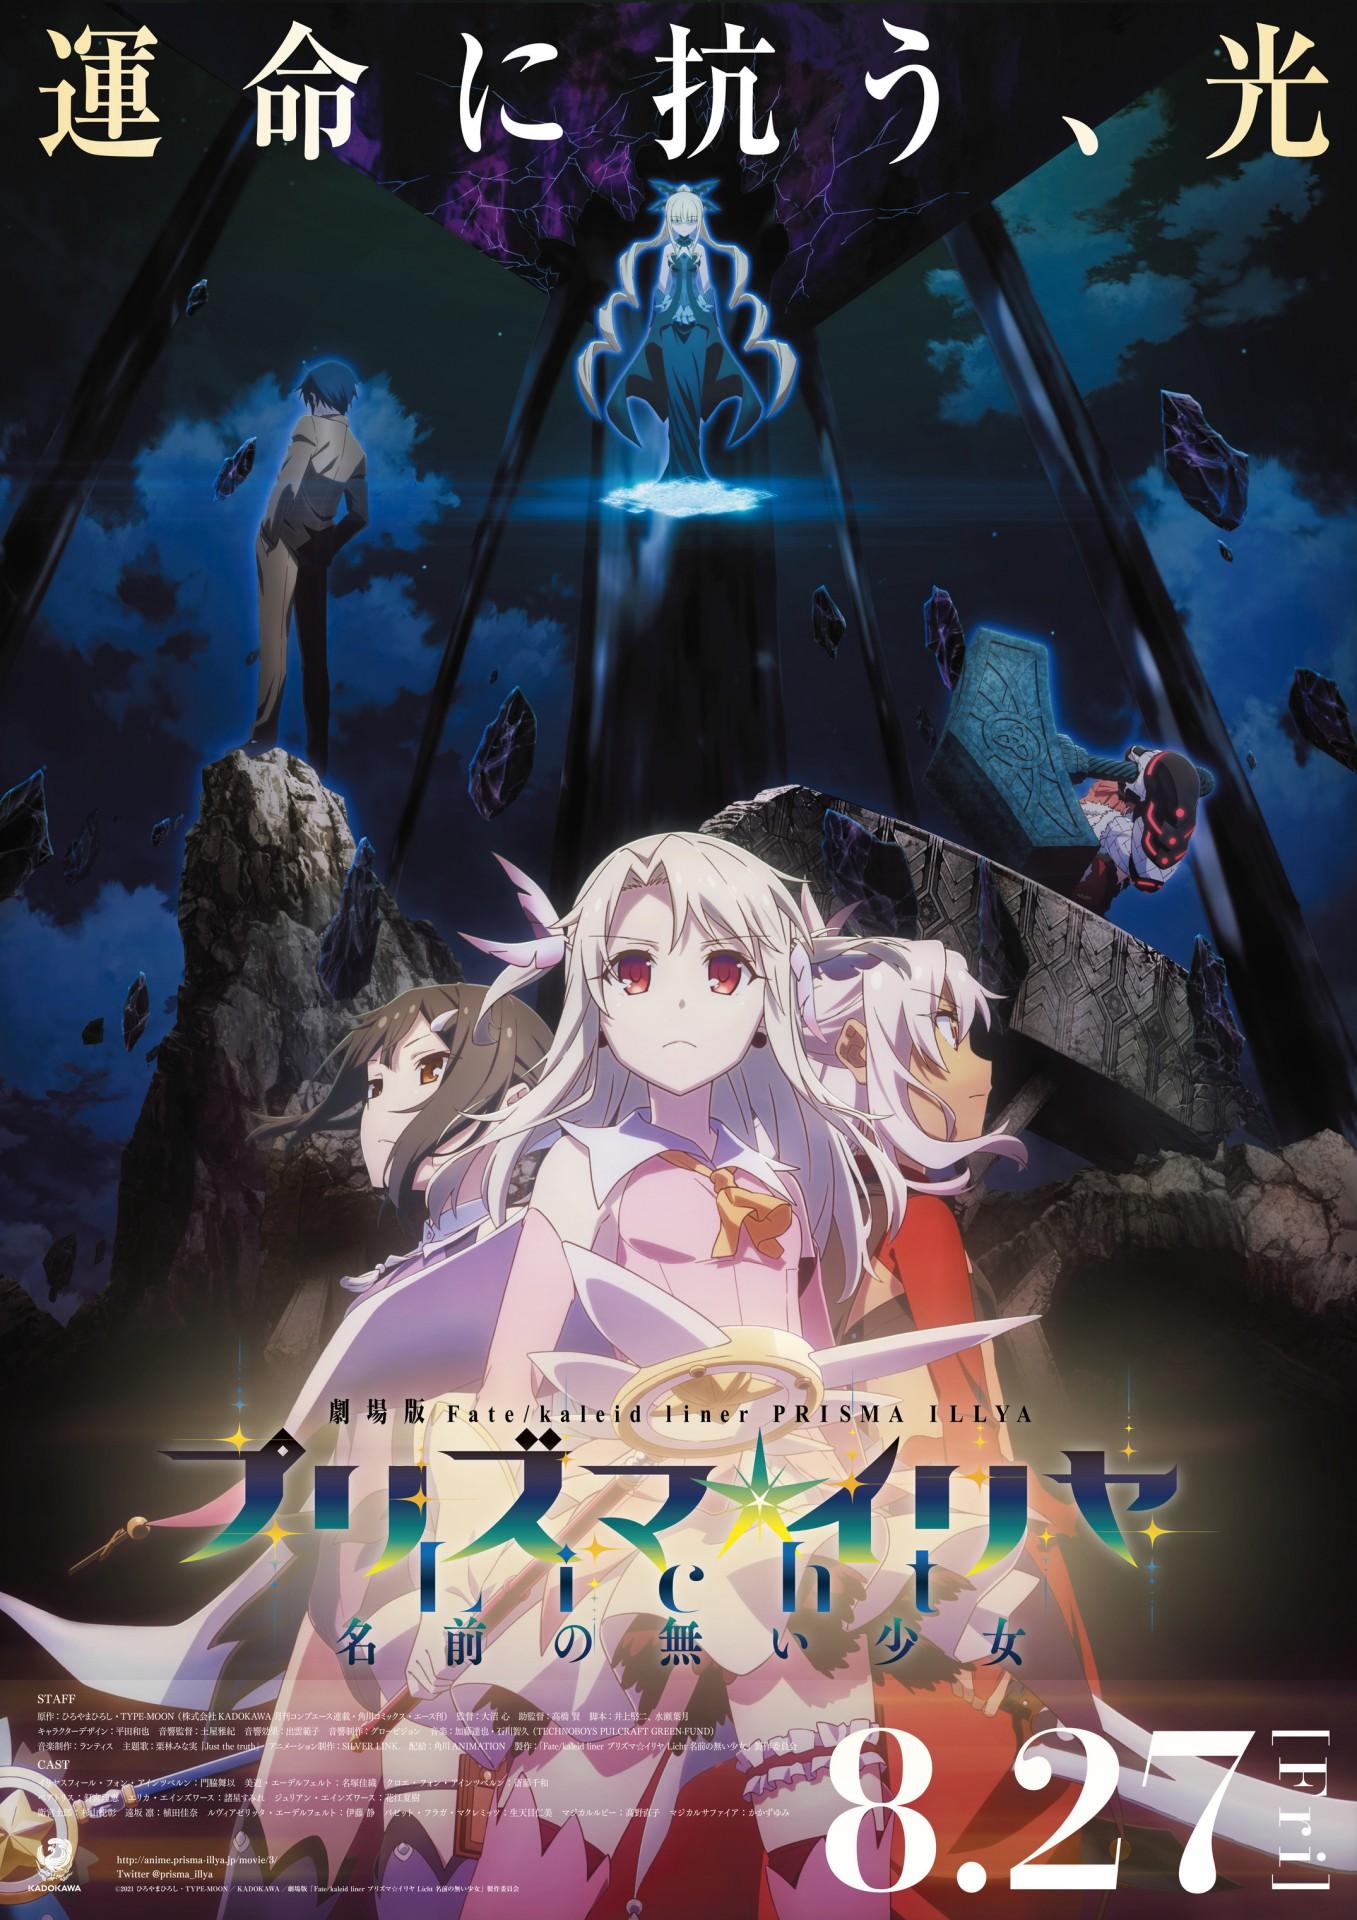 劇場版 Fate/kaleid liner プリズマ☆イリヤ Licht 名前の無い少女